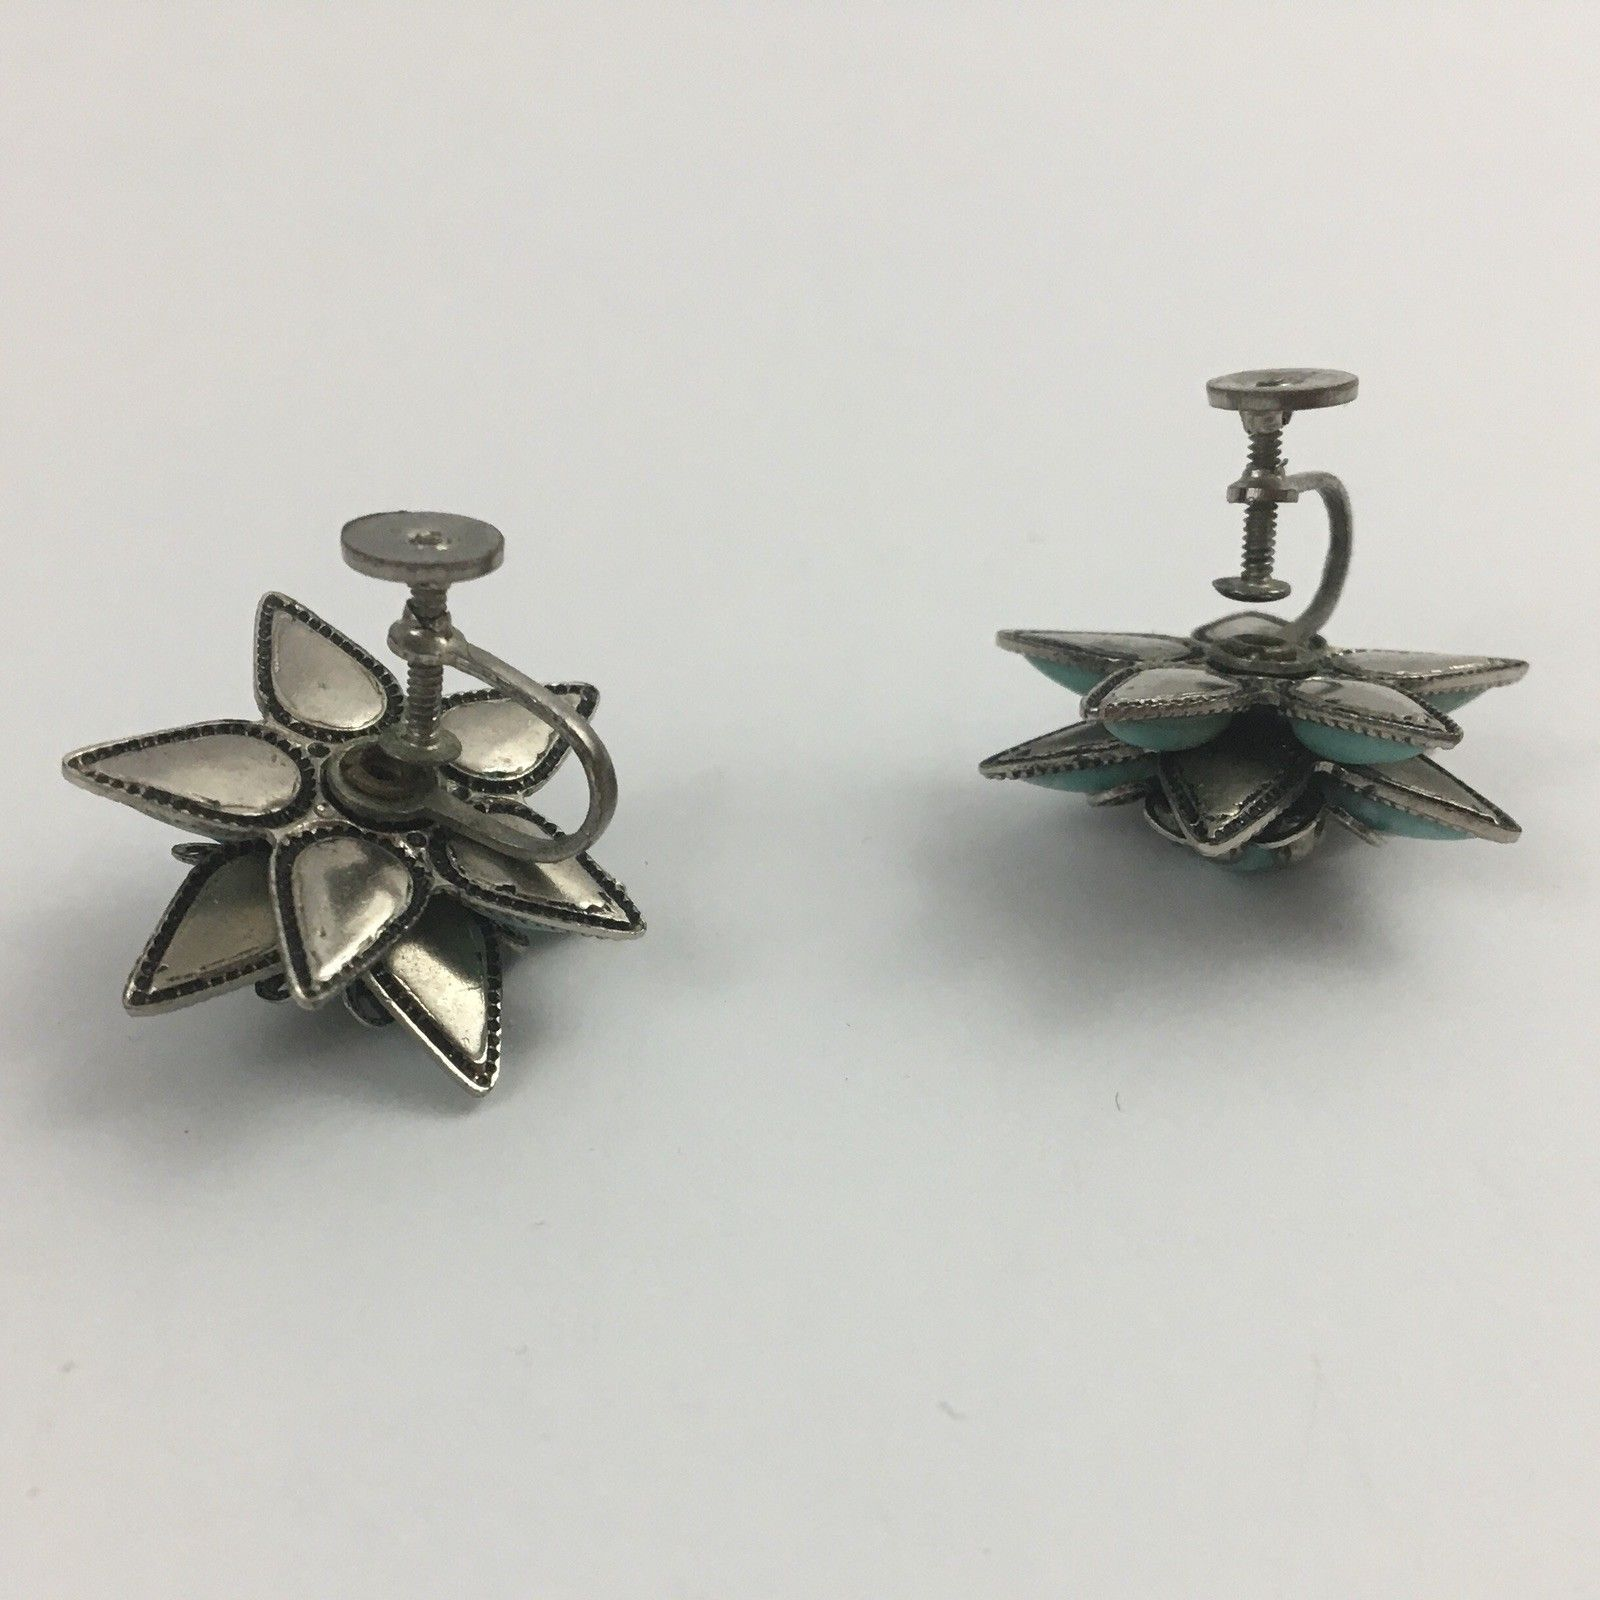 Vintage Cabochon Bracelet Screw Back Earrings Set Faux Turquoise Link Box Clasp